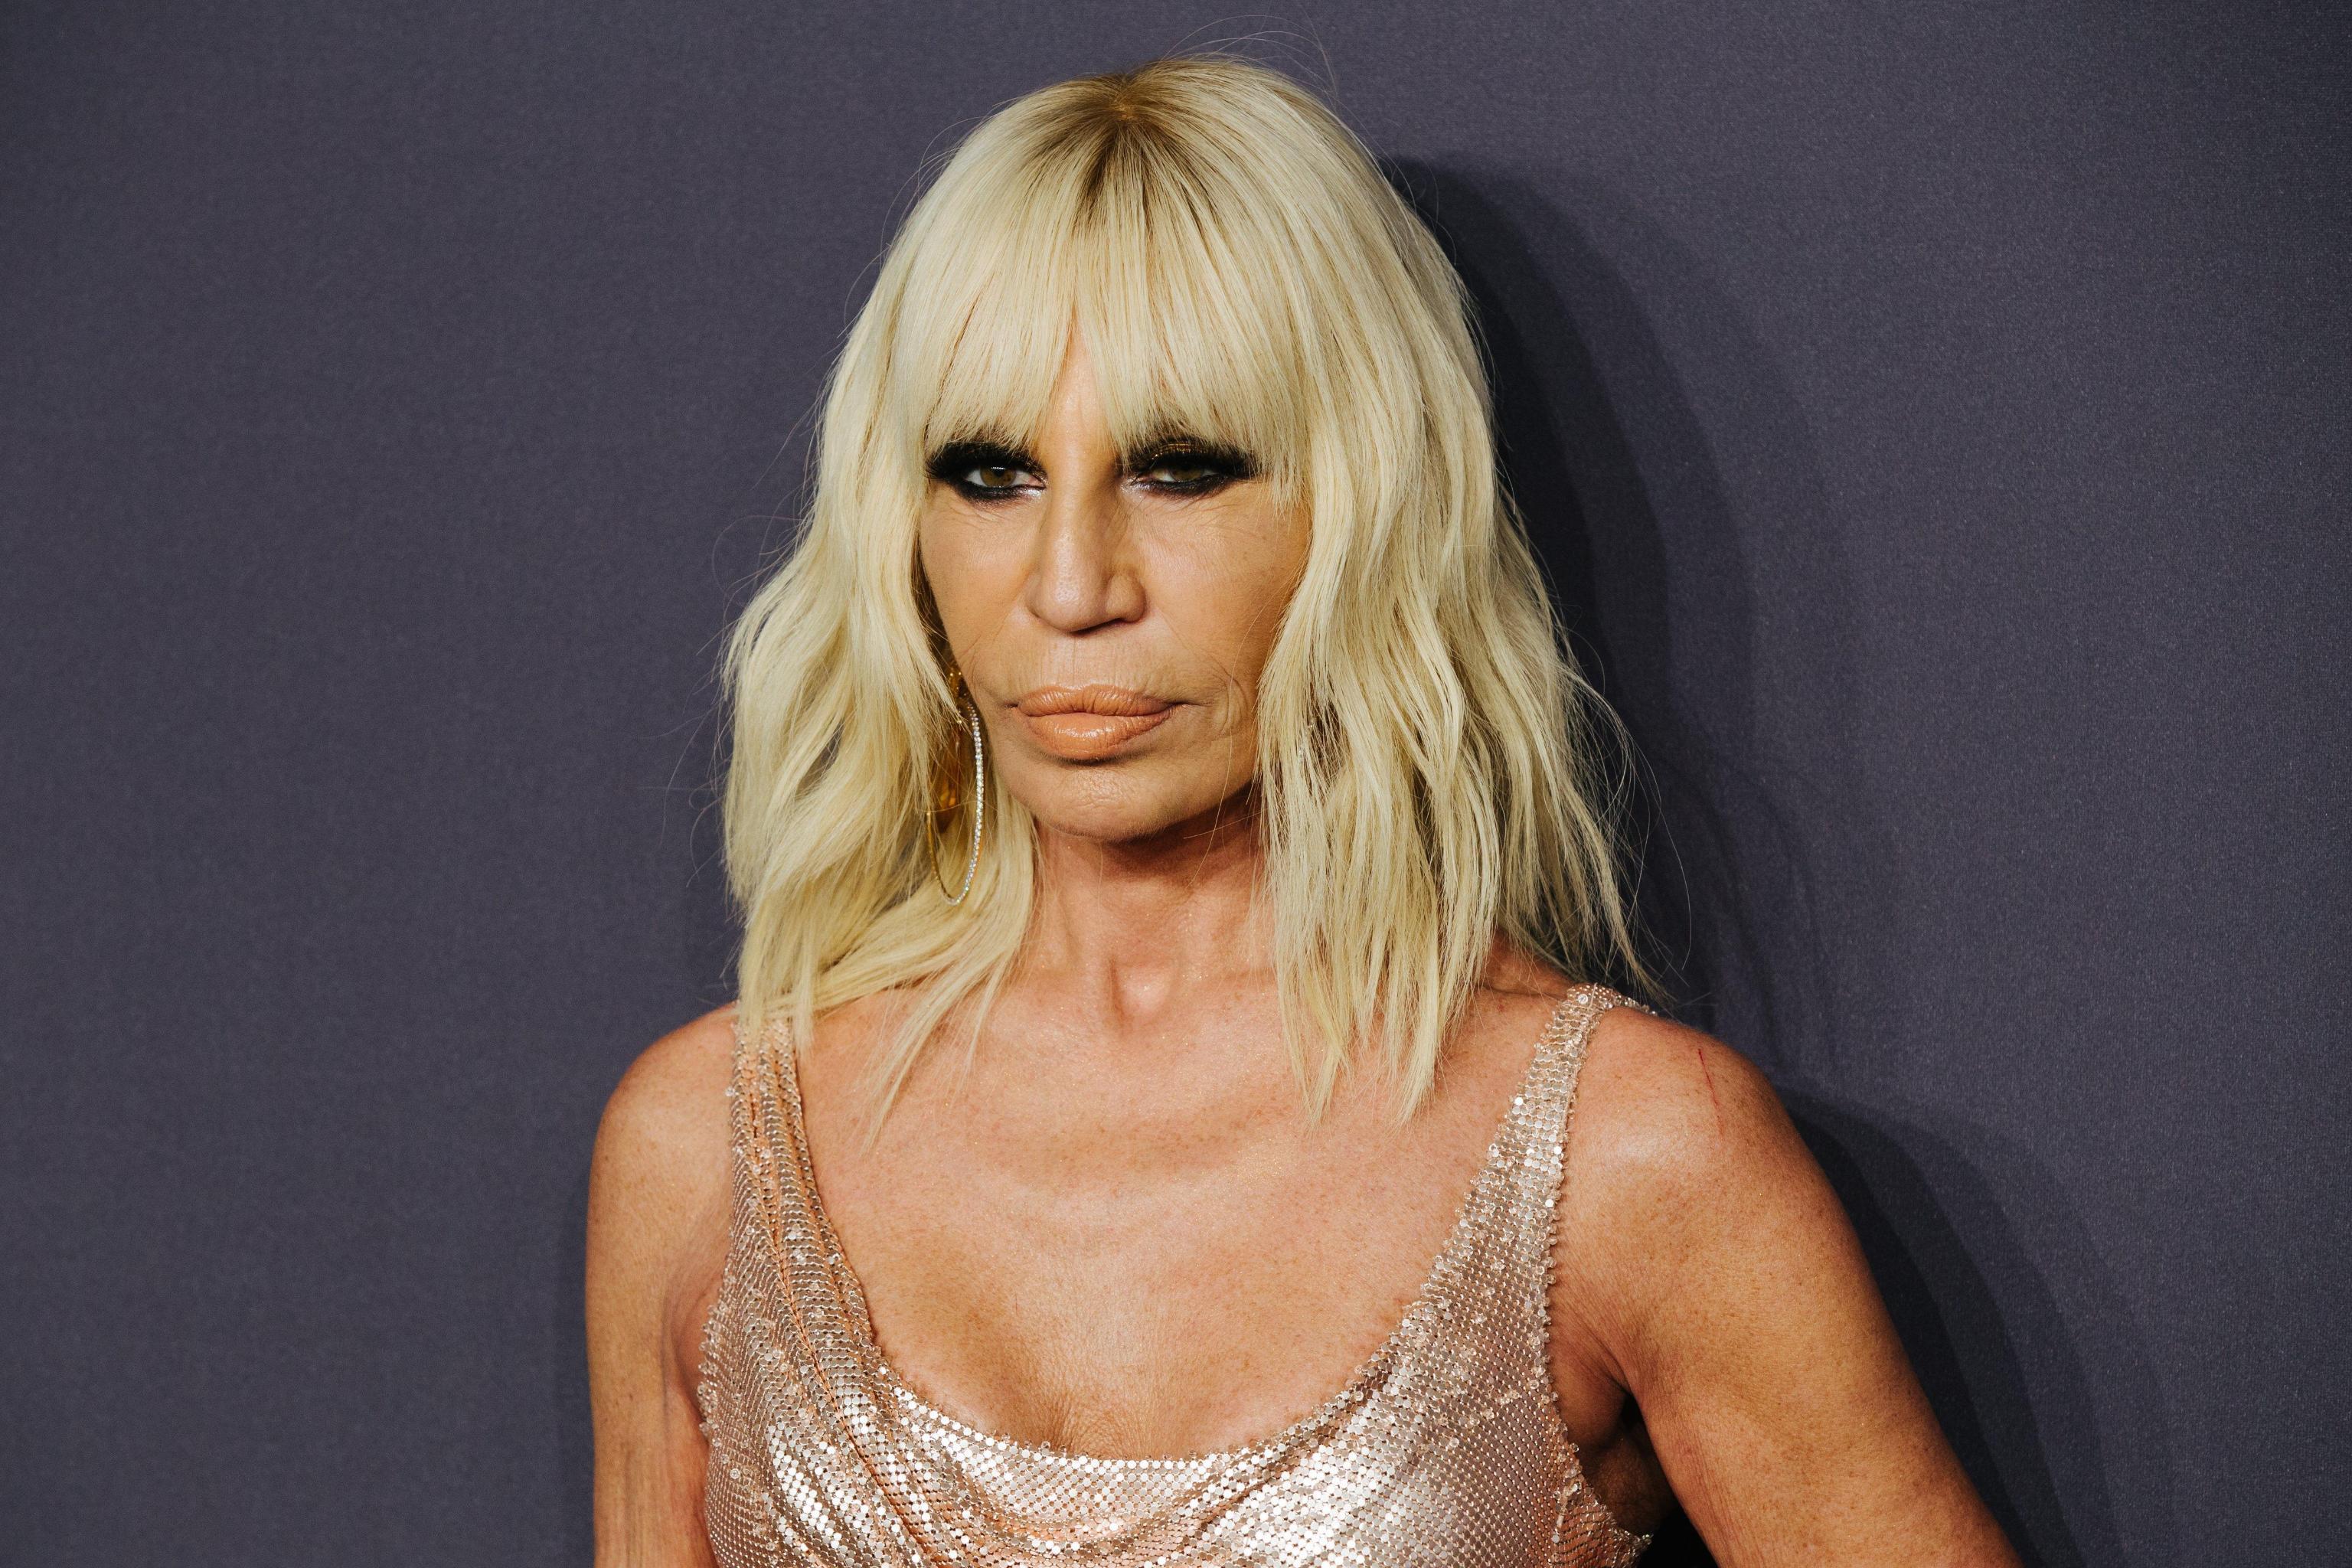 Donatella Versace: 'Basta pellicce, non voglio uccidere animali per la moda'